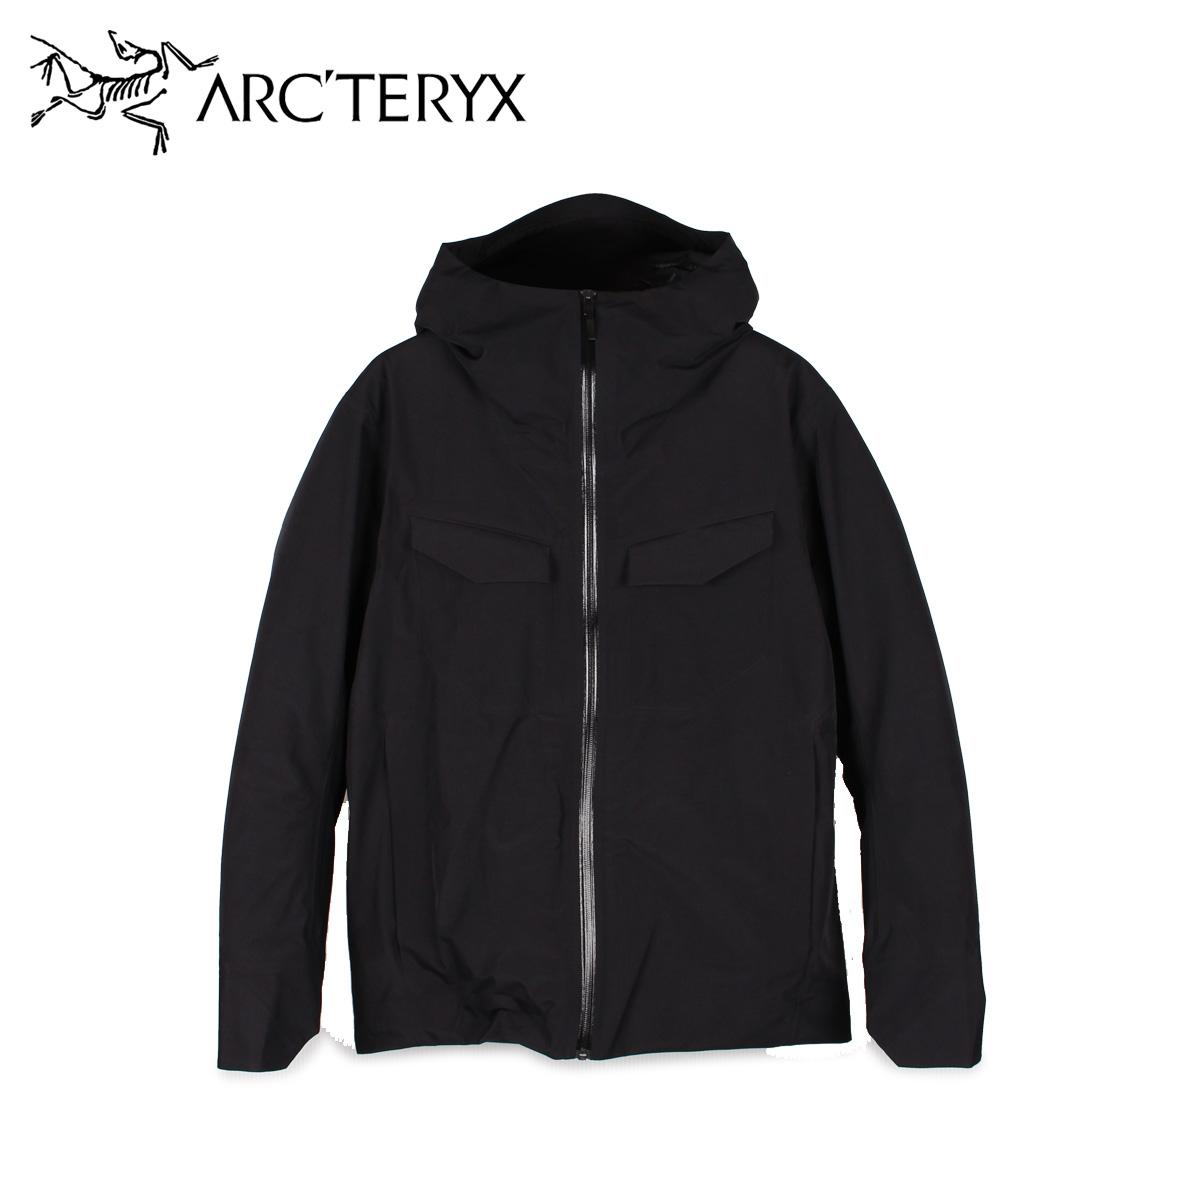 【最大2000円OFFクーポン】 ARCTERYX アークテリクス ジャケット ダウンジャケット メンズ NODE DOWN JACKET ブラック 黒 24230